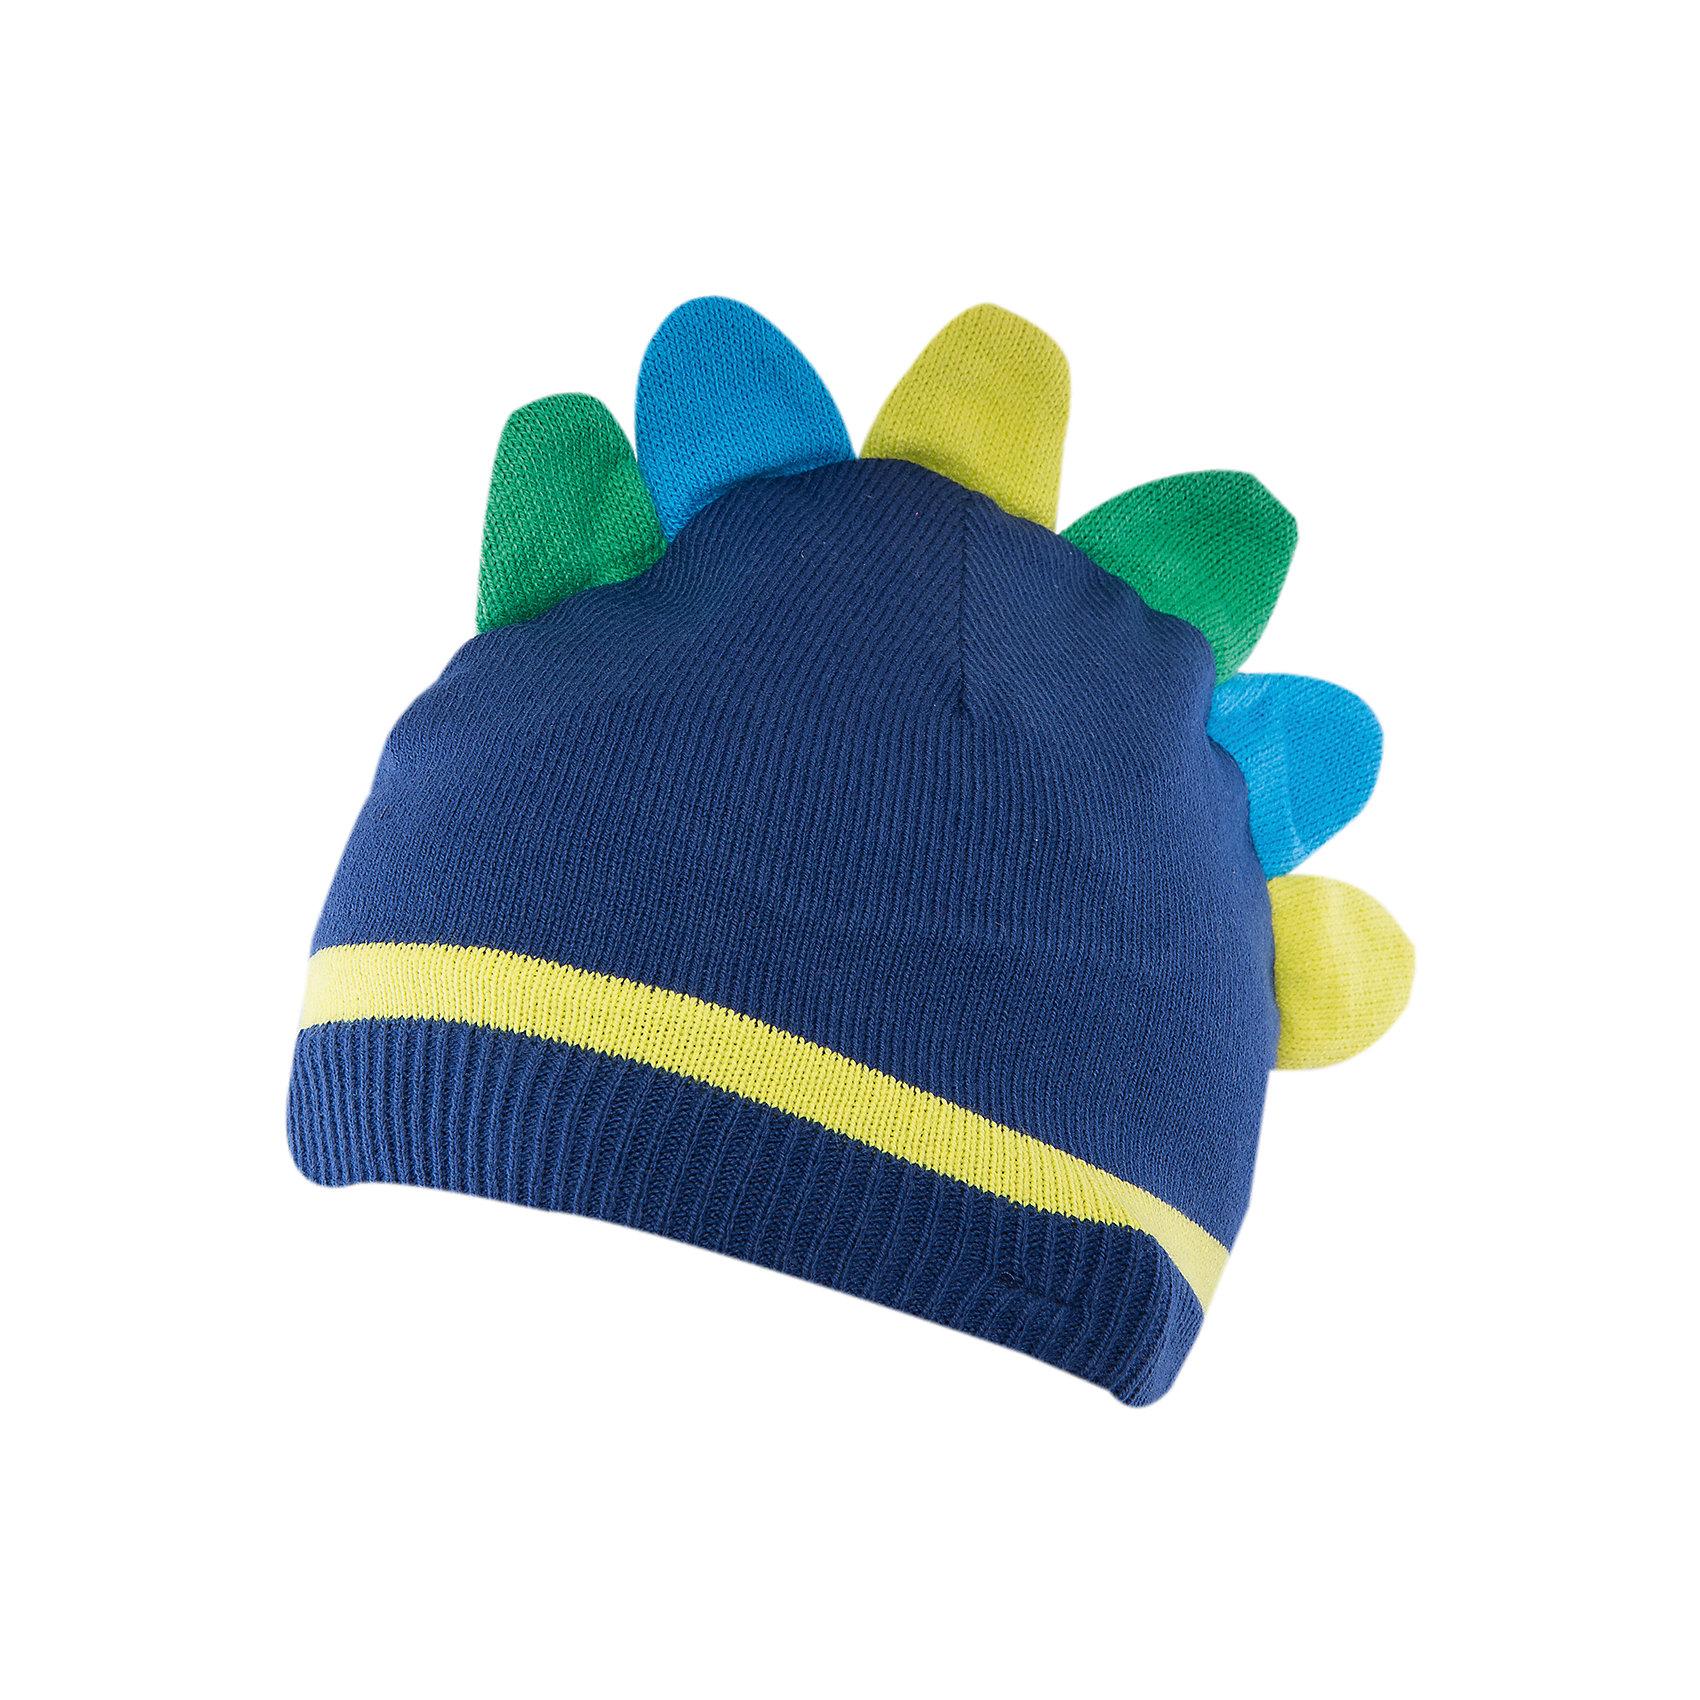 Шапка для мальчика PlayTodayШапка для мальчика от известного бренда PlayToday.<br>Стильная шапка из уютного вязаного трикотажа. Однослойная. Украшена очень забавным гребнем, как у динозаврика. Есть удобные завязки.<br>Состав:<br>Верх: 60% хлопок, 40% акрил, подкладка: 60% хлопок, 40% акрил<br><br>Ширина мм: 157<br>Глубина мм: 13<br>Высота мм: 119<br>Вес г: 200<br>Цвет: синий<br>Возраст от месяцев: 18<br>Возраст до месяцев: 36<br>Пол: Мужской<br>Возраст: Детский<br>Размер: 48,46<br>SKU: 4900506